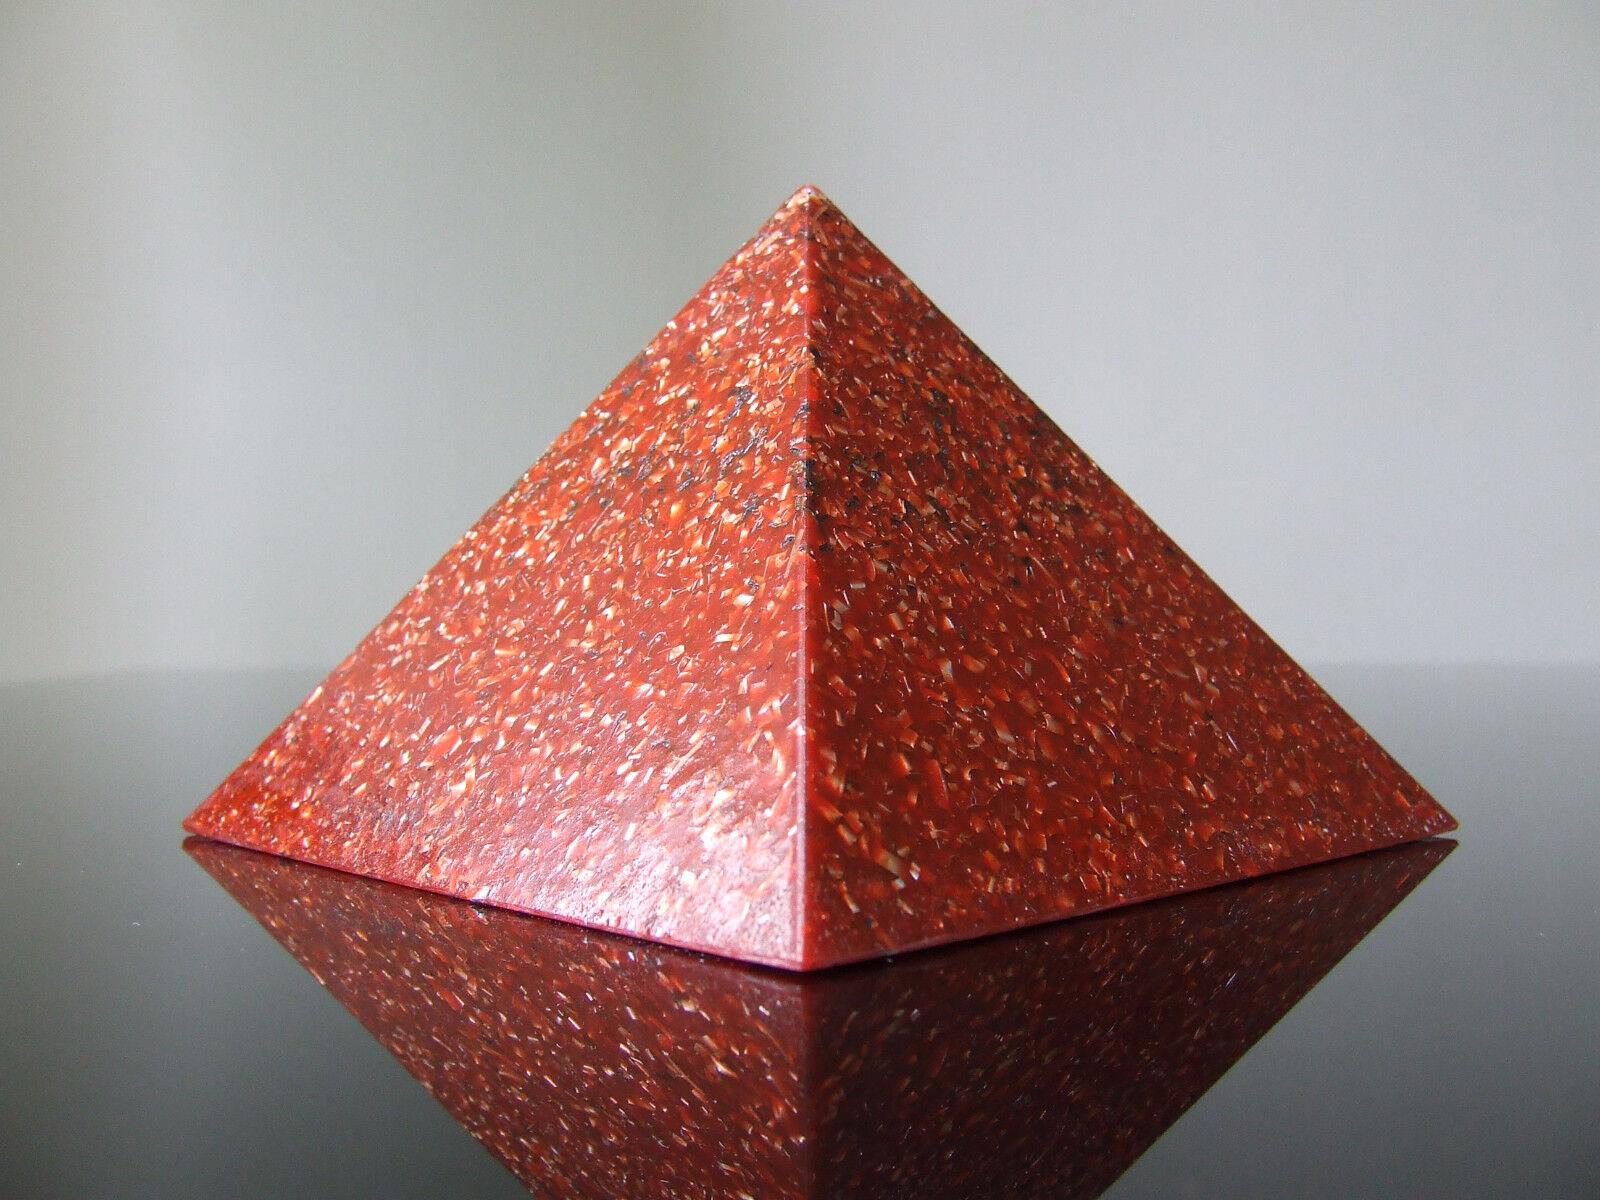 Alineación De Chakras Balance Completo Conjunto Pirámides de 7 Pirámides Conjunto 85 x 70 mm 276527